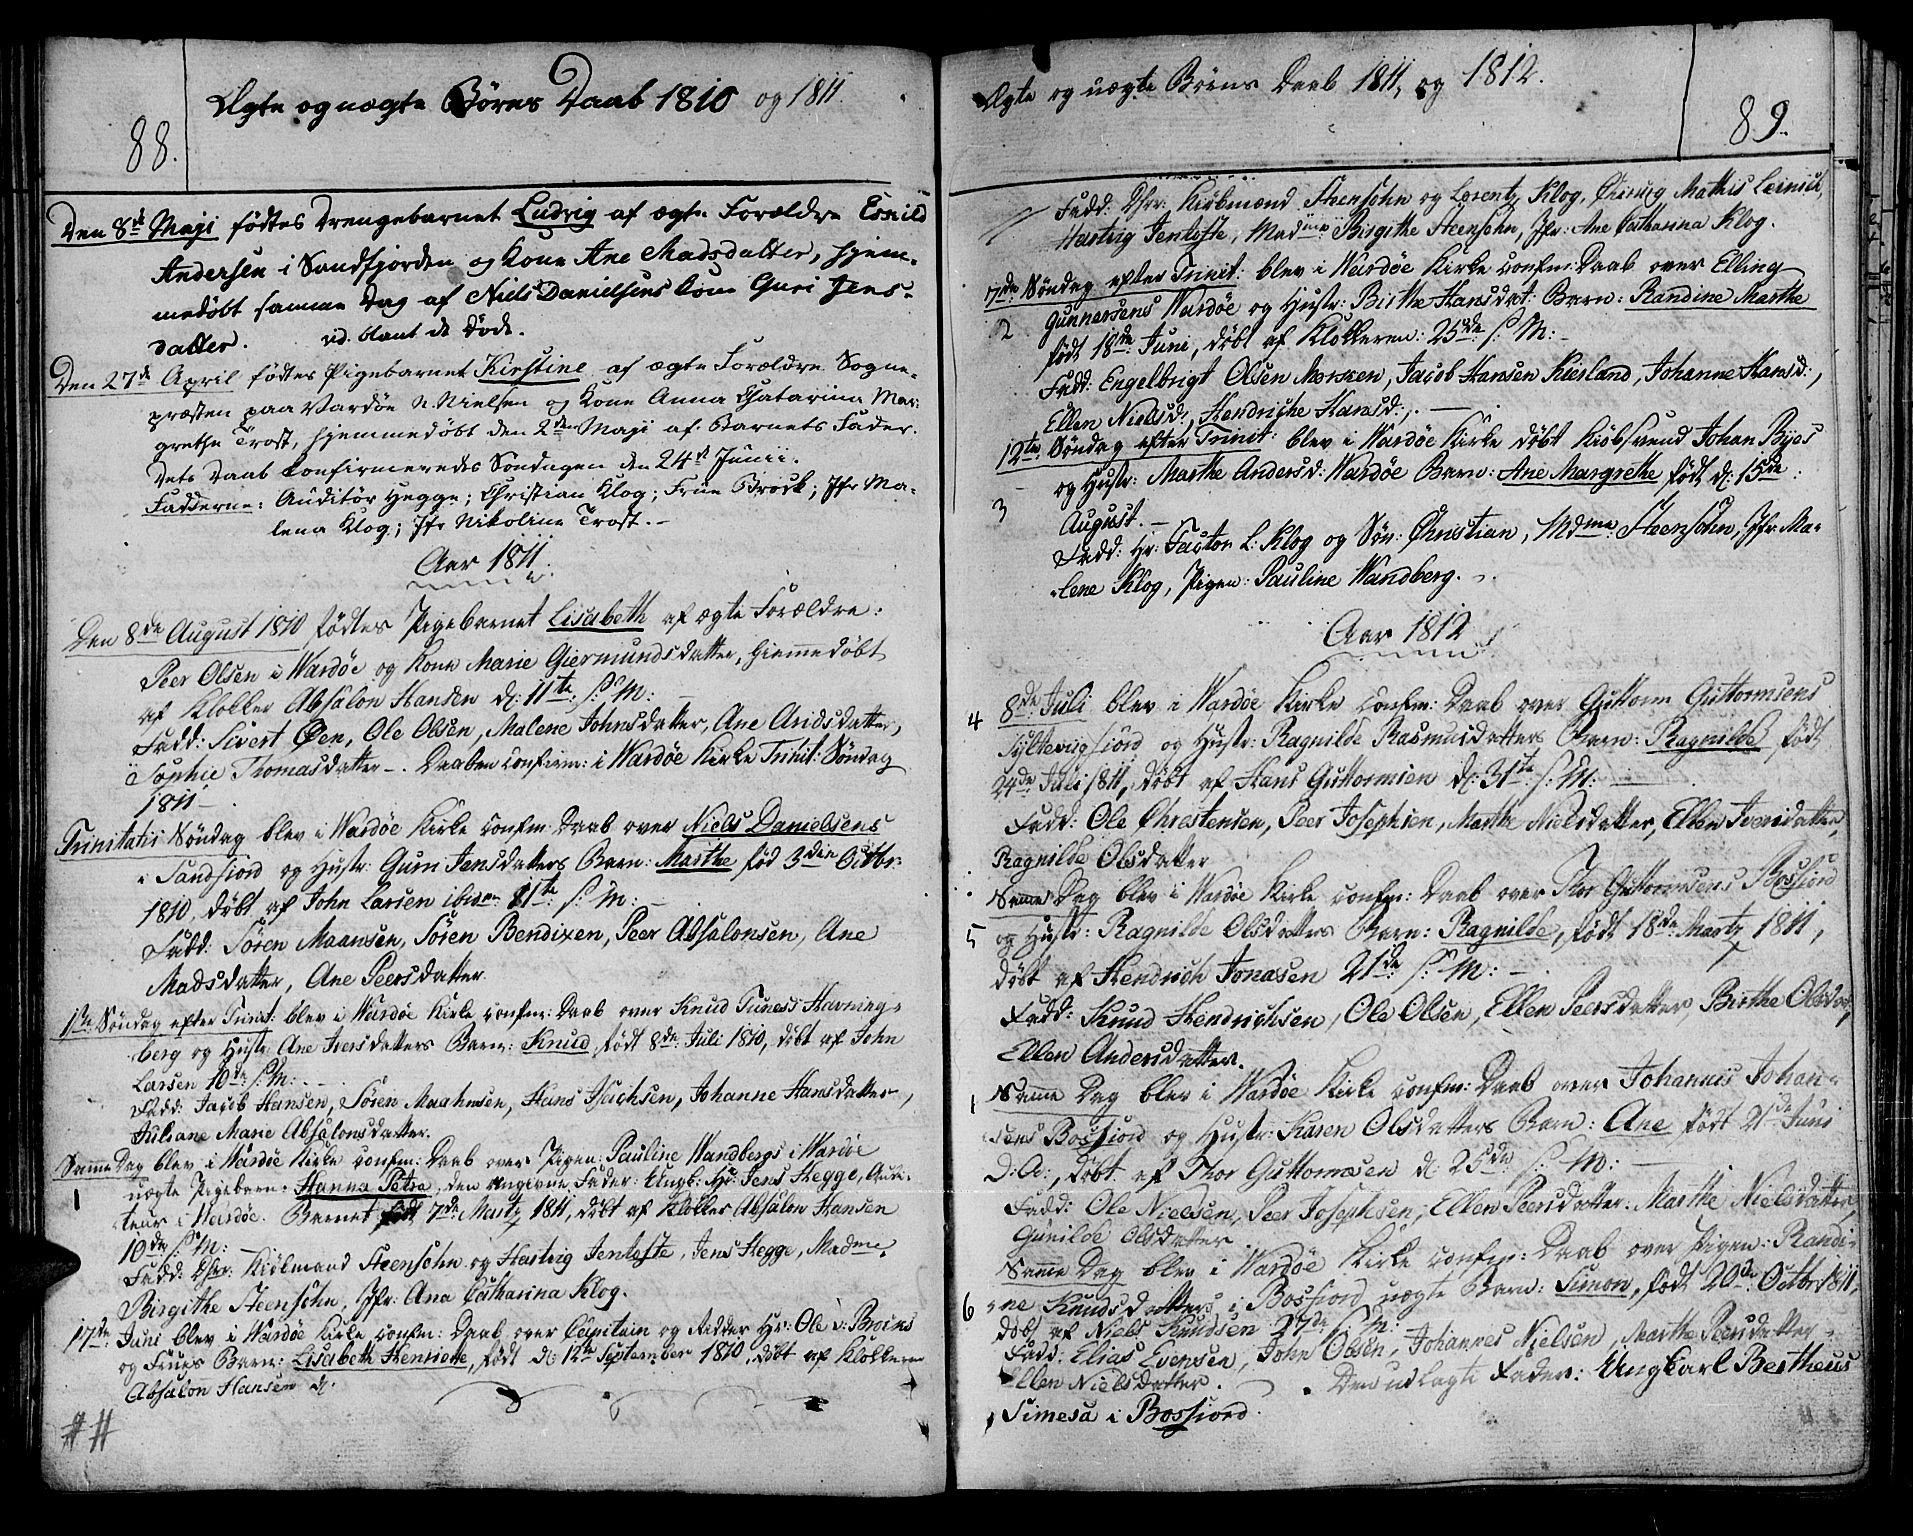 SATØ, Vardø sokneprestkontor, H/Ha/L0002kirke: Ministerialbok nr. 2, 1805-1842, s. 88-89